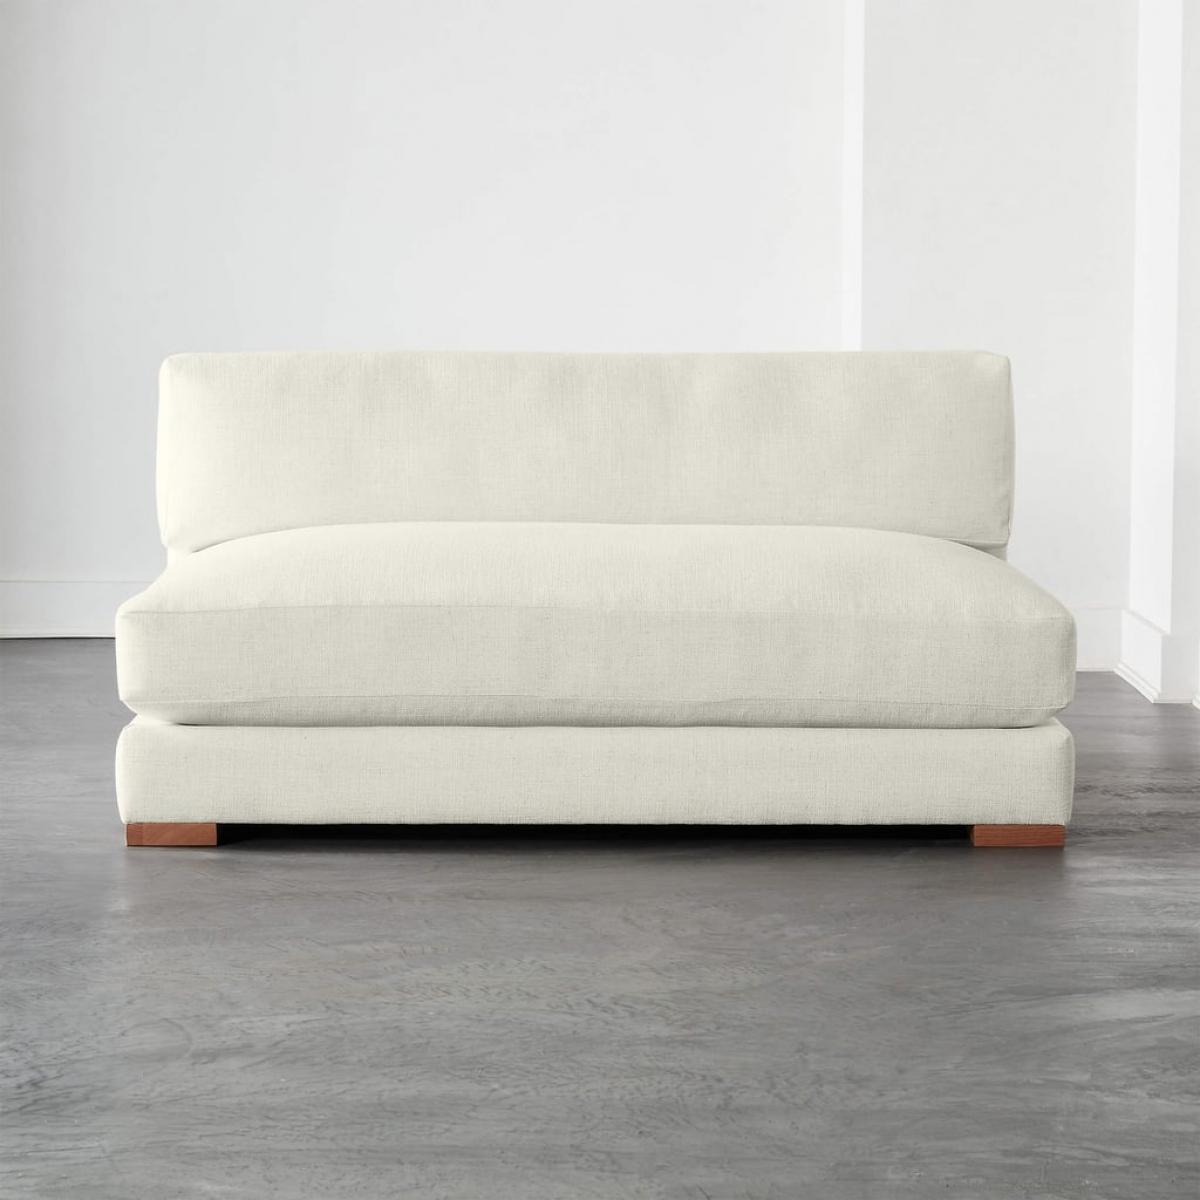 Loại sofa này phù hợp với các căn hộ nhỏ, phần đệm có thể tháo ra, đặt trực tiếp dưới đất, tạo thành một giường nhỏ.